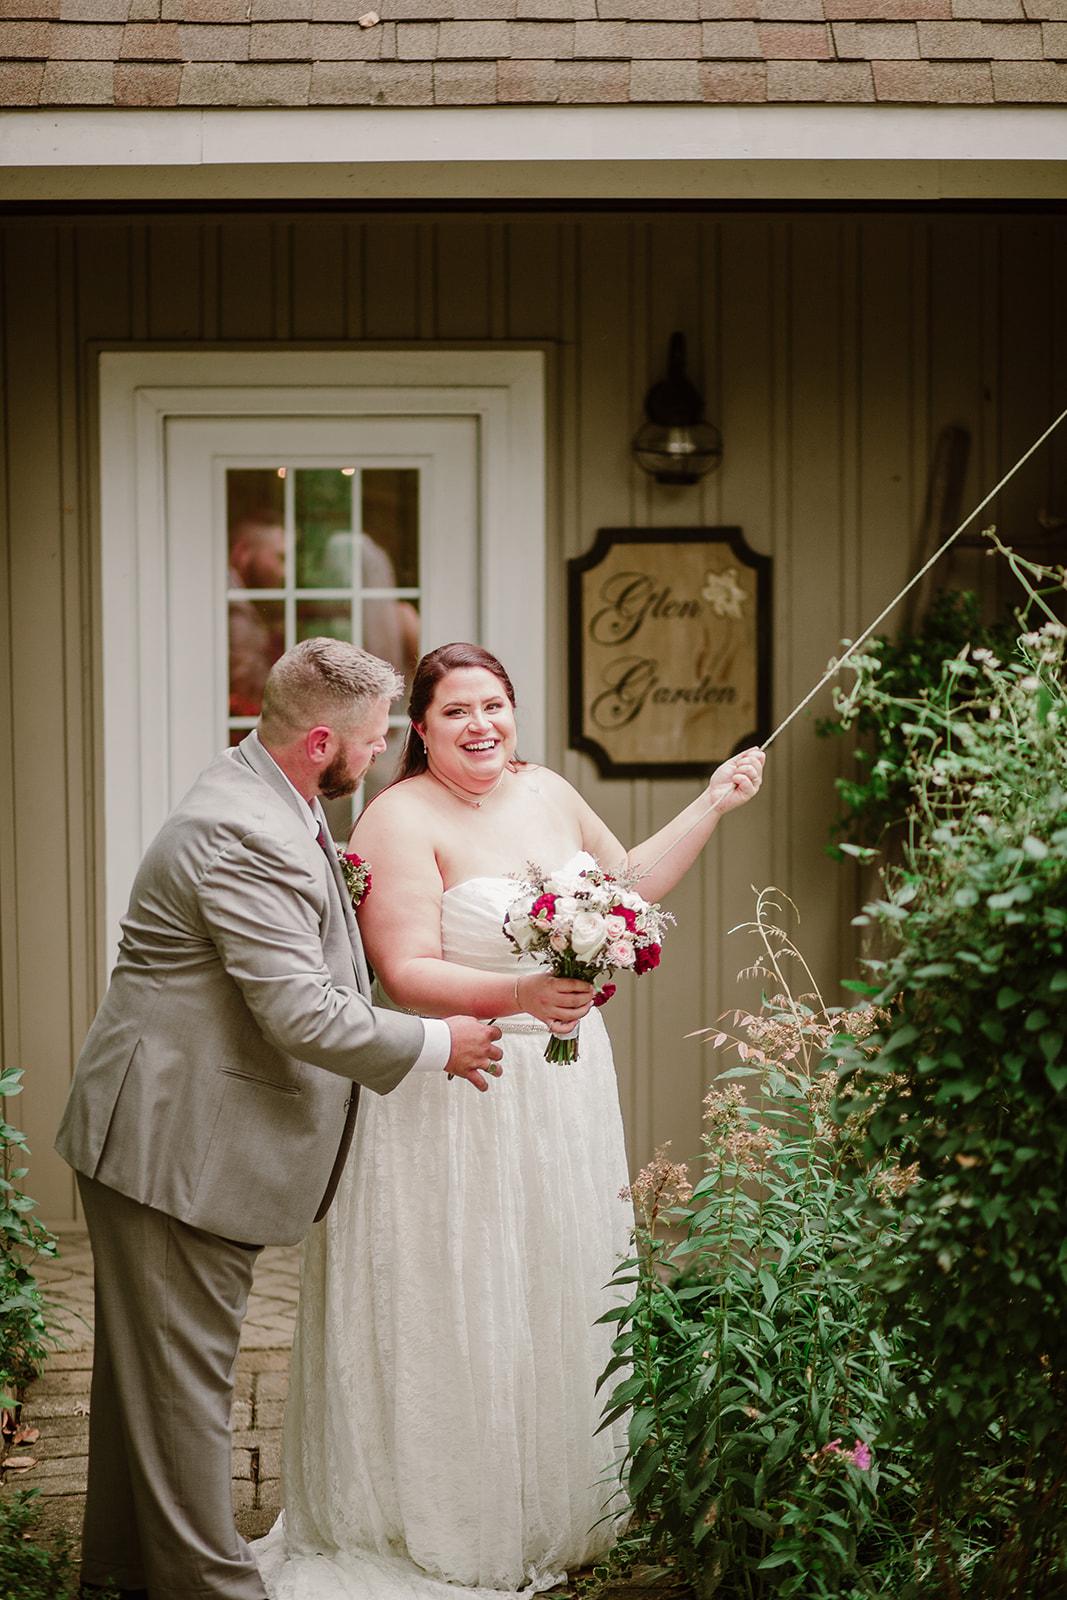 SarahMattozziPhotography-NicoleChris-GlenGardens-Ceremony-17.jpg